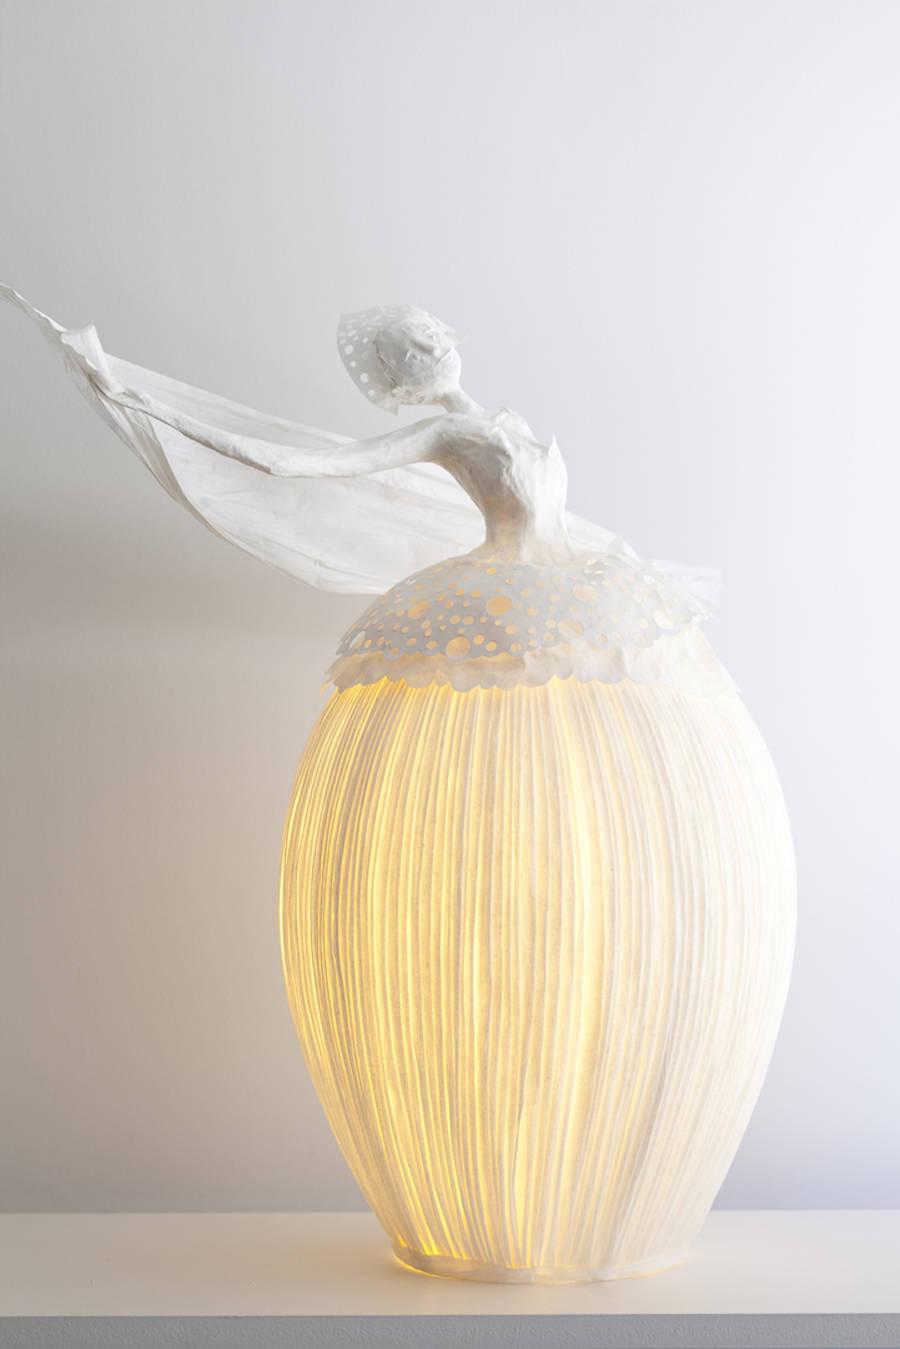 Papier Design Lampe De Luminaire Et Maché Maison Idée iPTwOukXZ